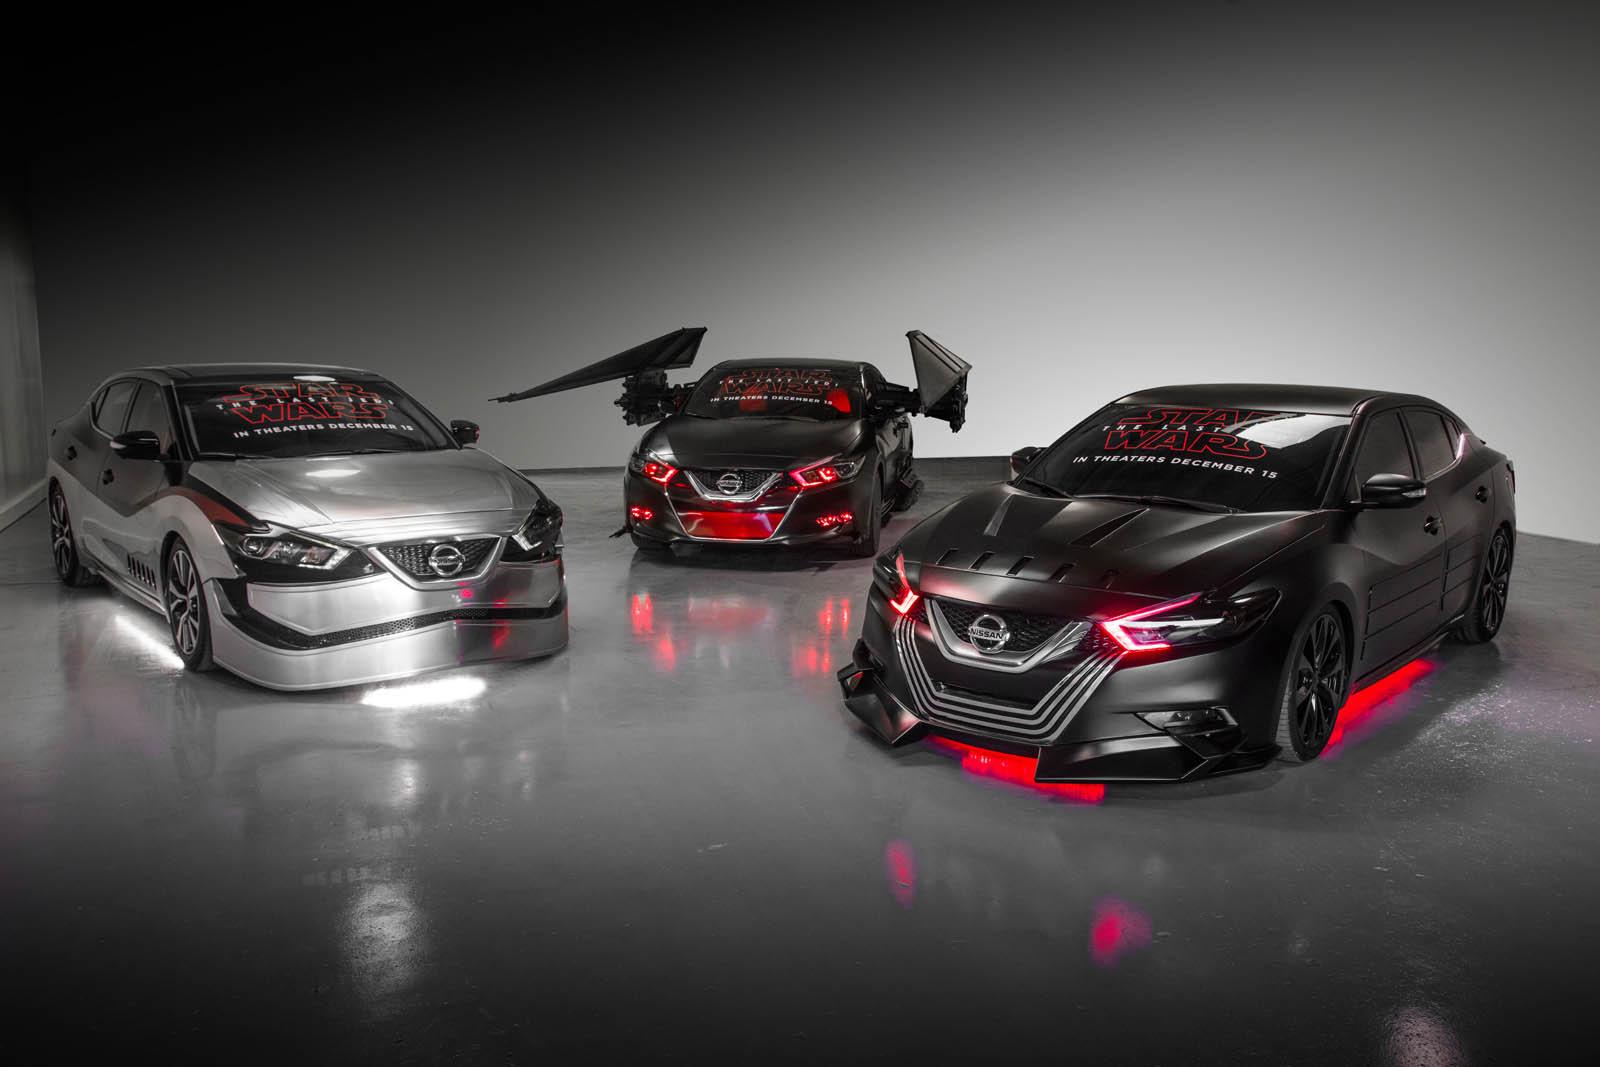 Nissan se inspira en 'Los últimos Jedi' con seis modelos especiales